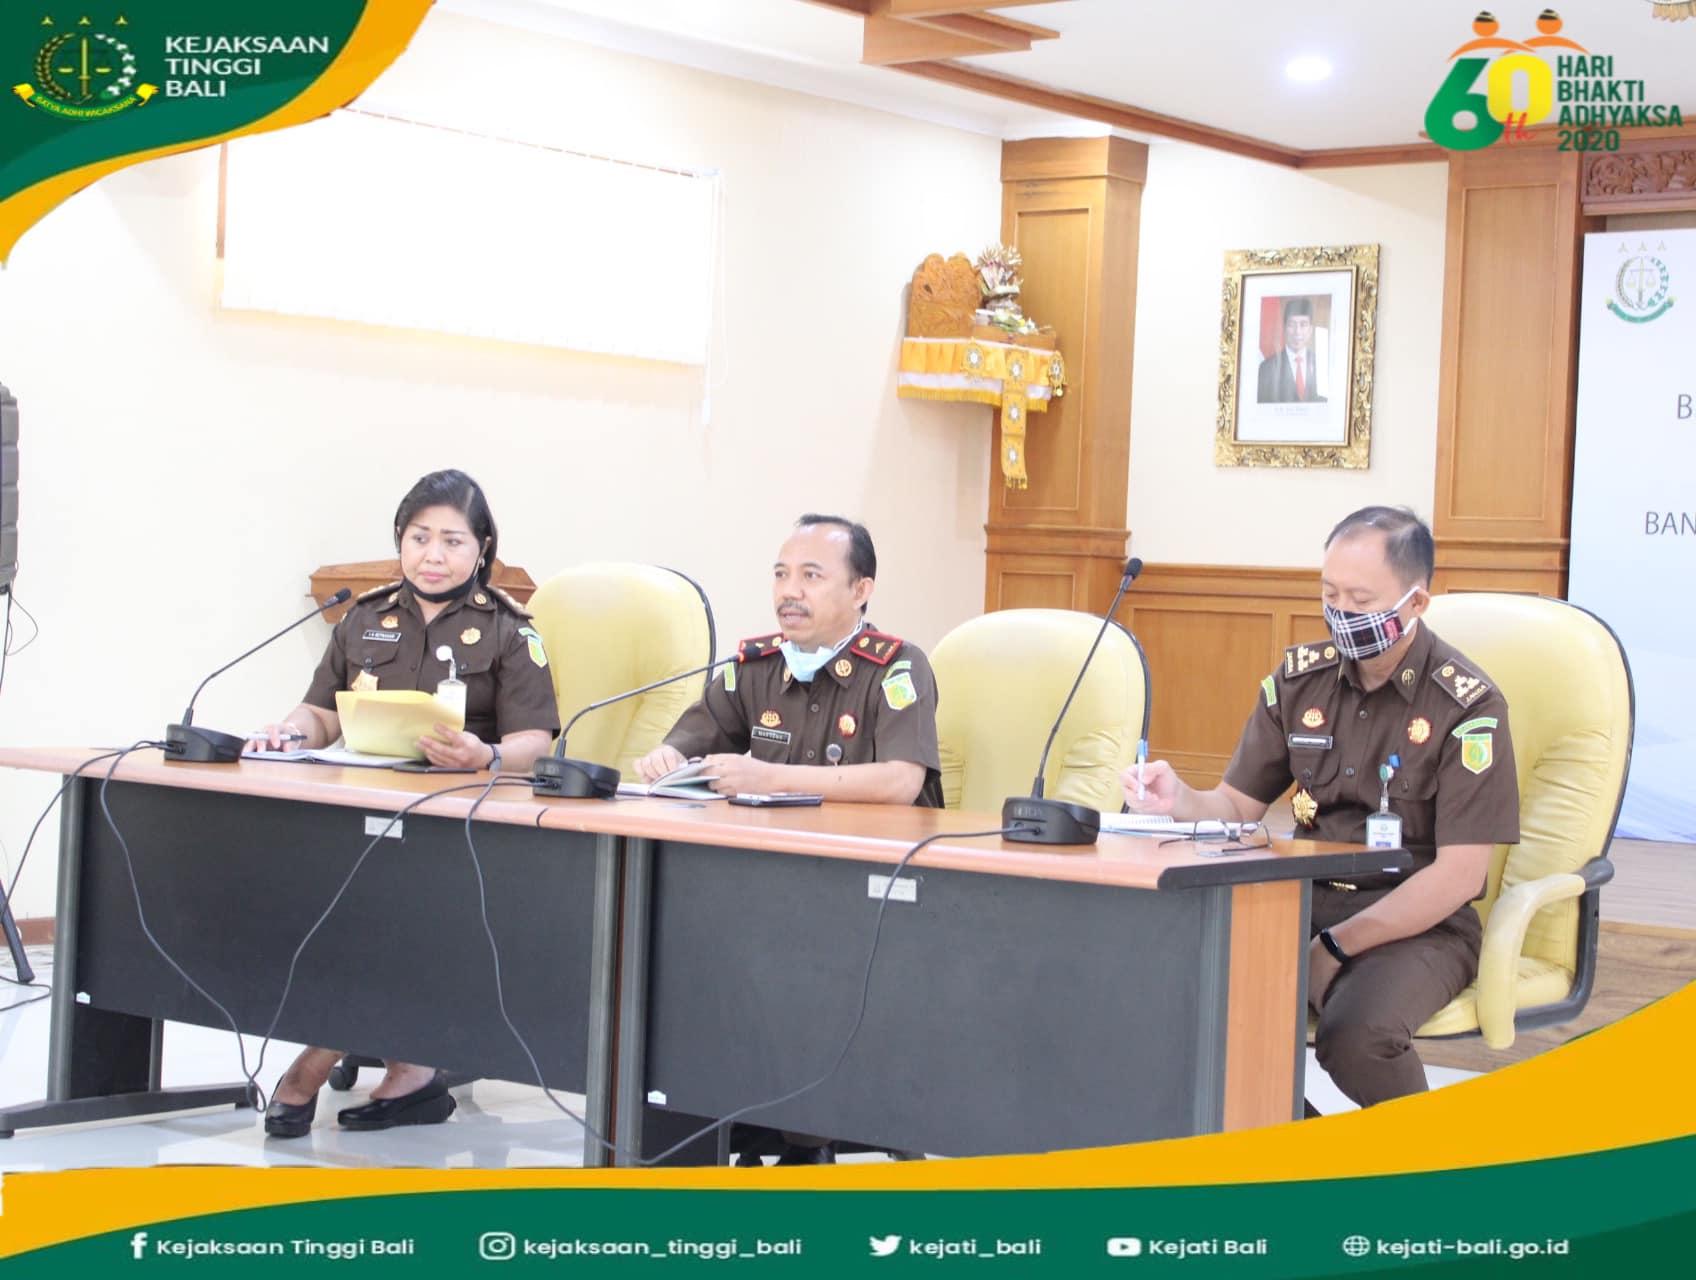 Wakil Kepala Kejaksaan Tinggi Bali memimpin rapat Panitia Peringatan Hari Bhakti Adhyaksa (HBA) Tahun 2020 yang berlangsung di aula Sasana Dharma Adhyaksa Kejati Bali.